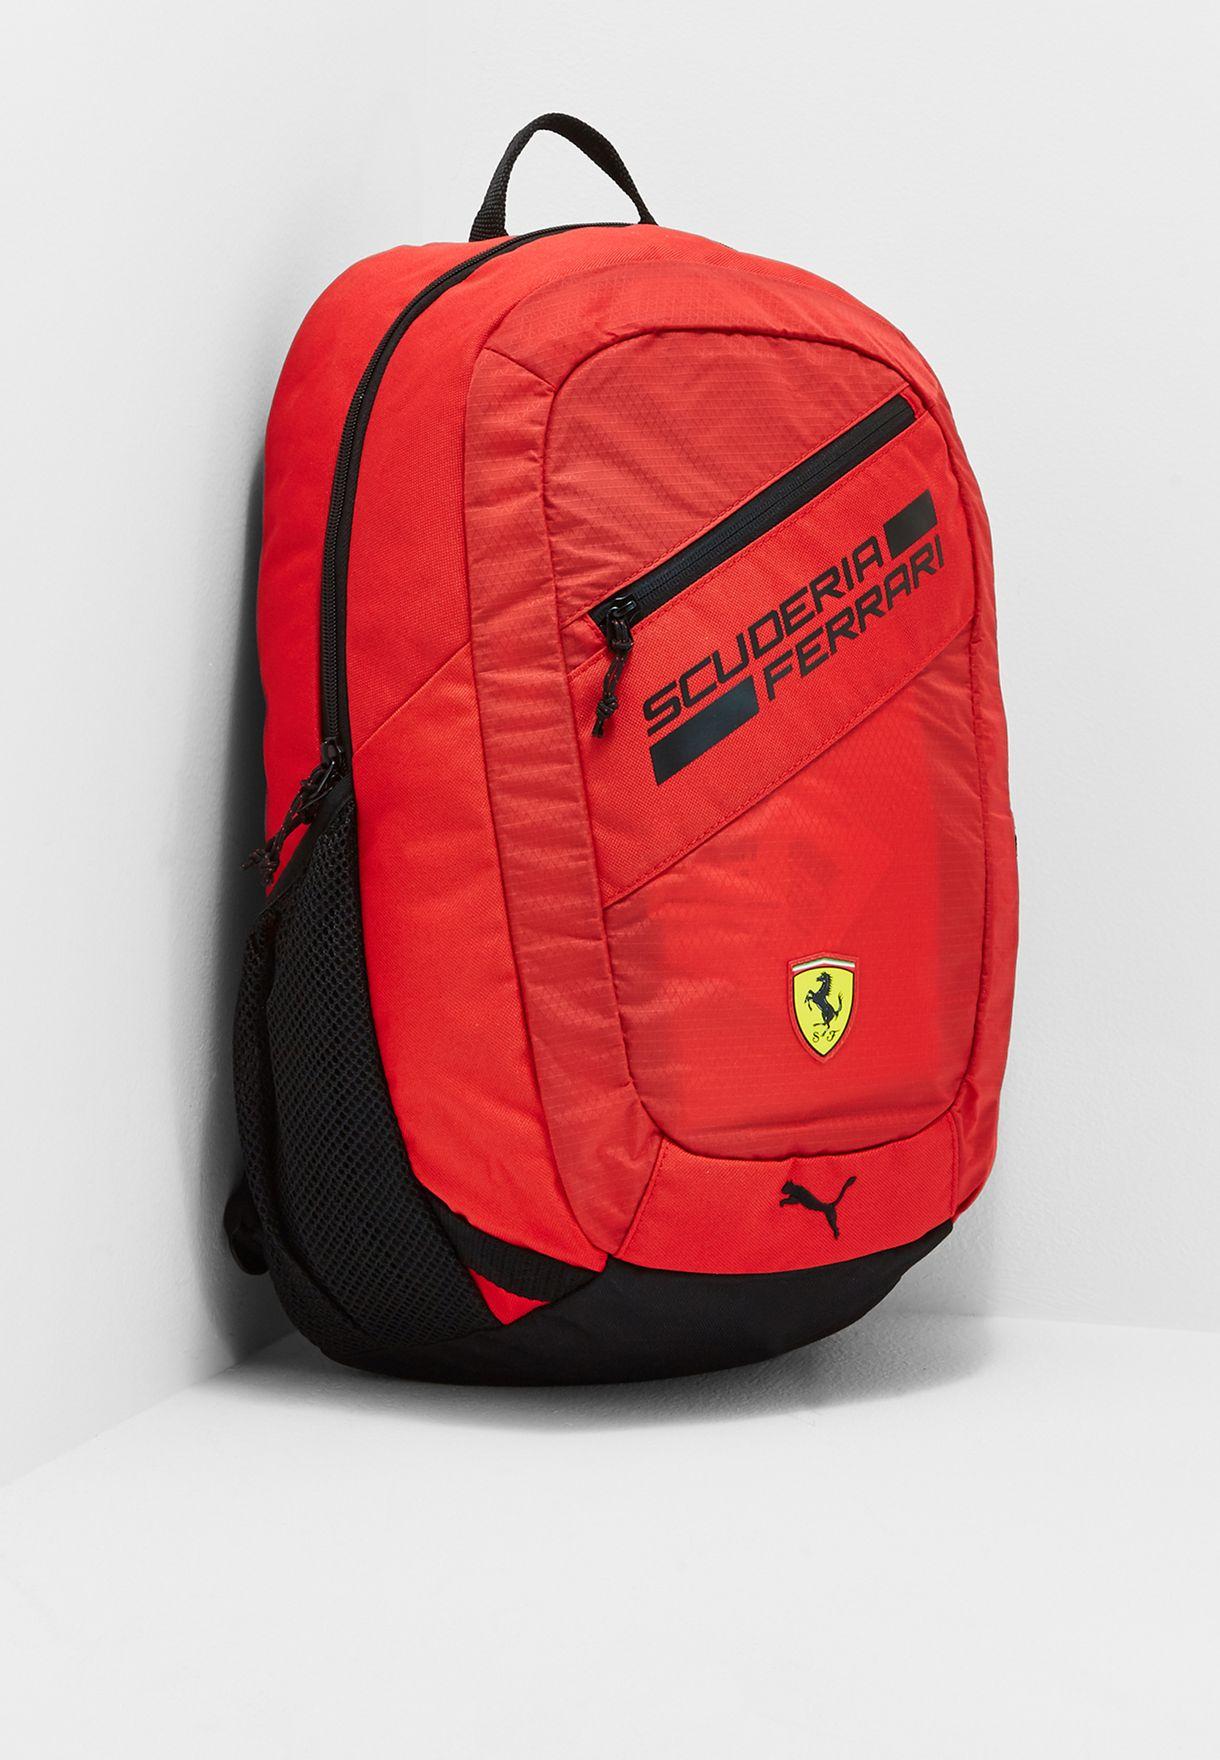 5468fe4638 Shop PUMA red Ferrari Fanwear Backpack 07477601 for Kids in UAE ...